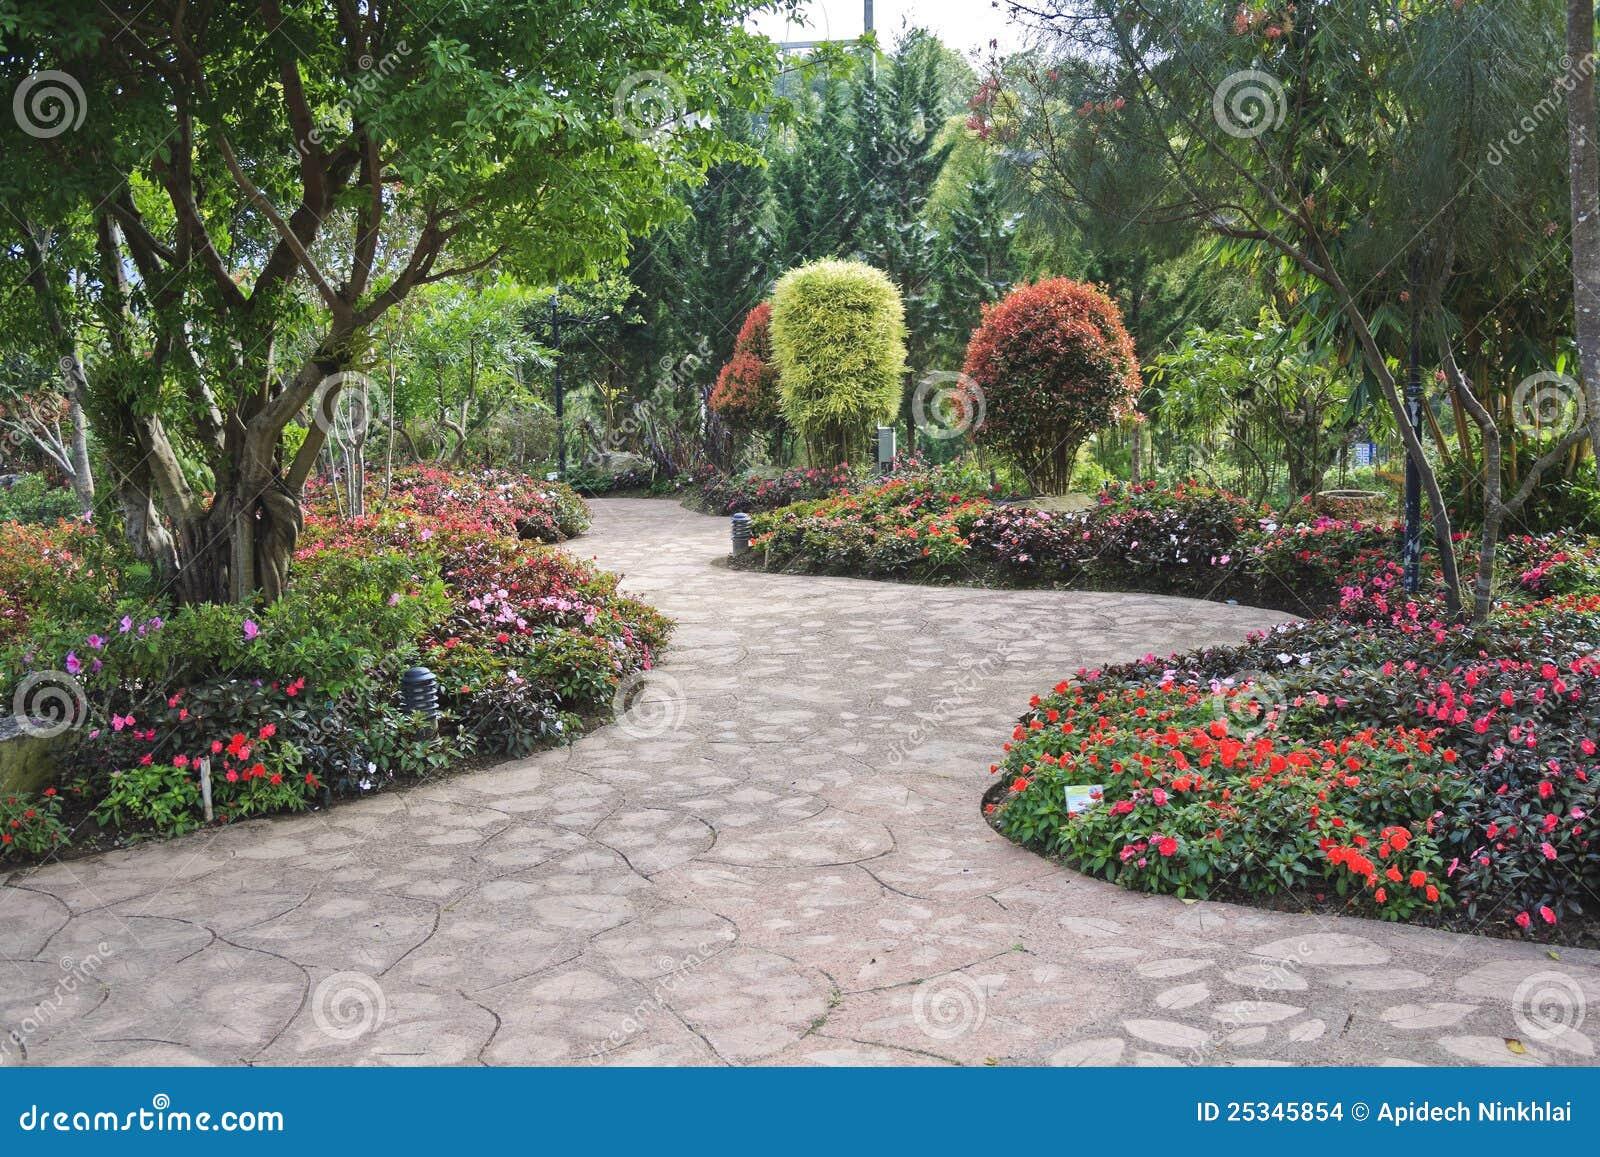 Giardino fiorito di disegno immagini stock immagine for Giardino fiorito